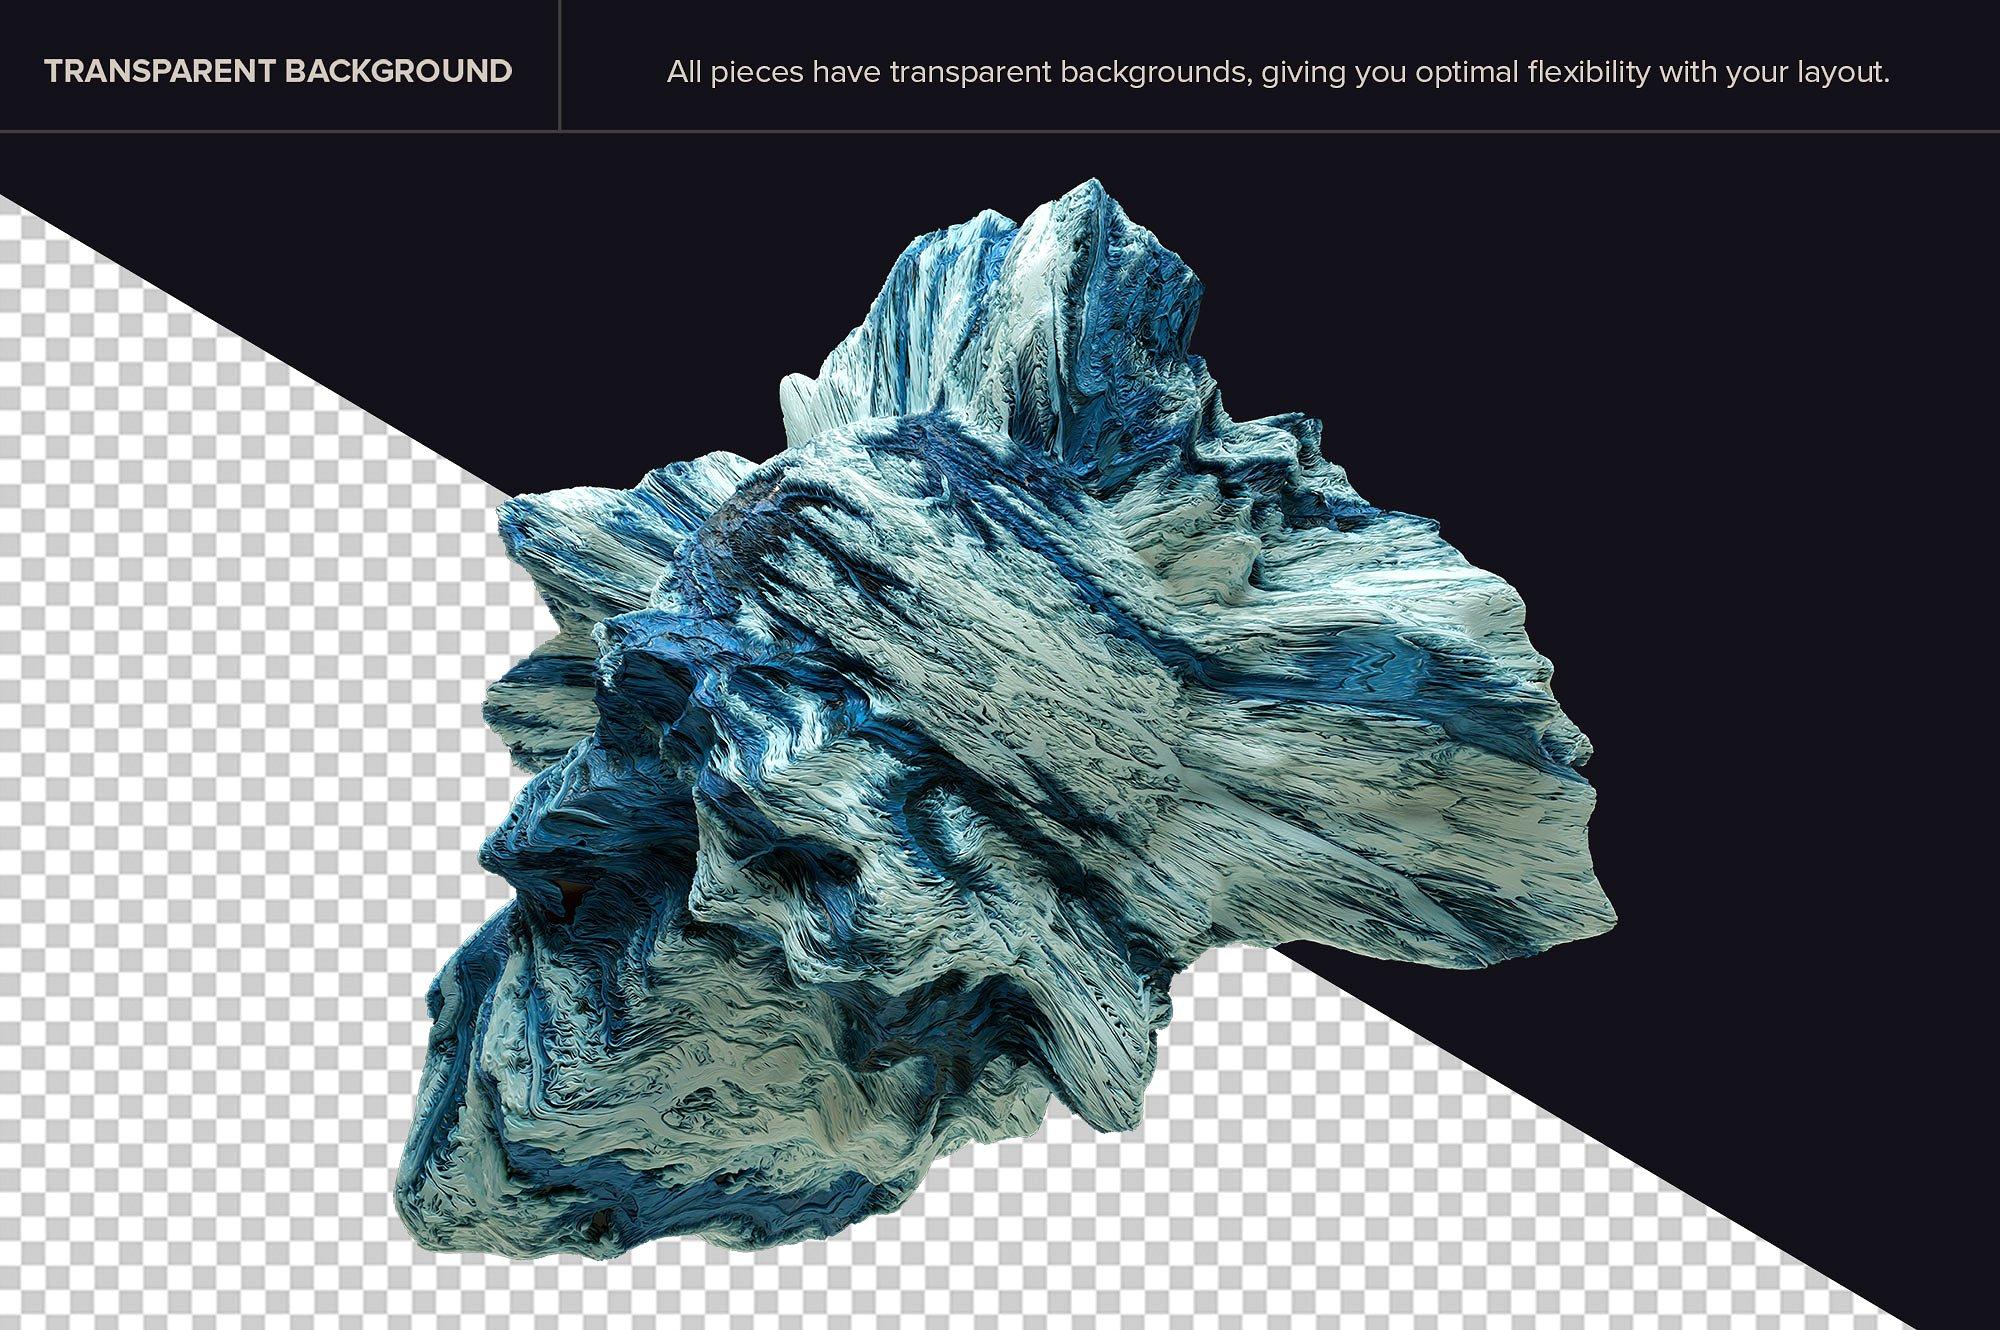 创意抽象纹理系列:10款混合油漆矿石有机图案3D纹理&PS笔刷 Tectonic (Exclusive)插图2